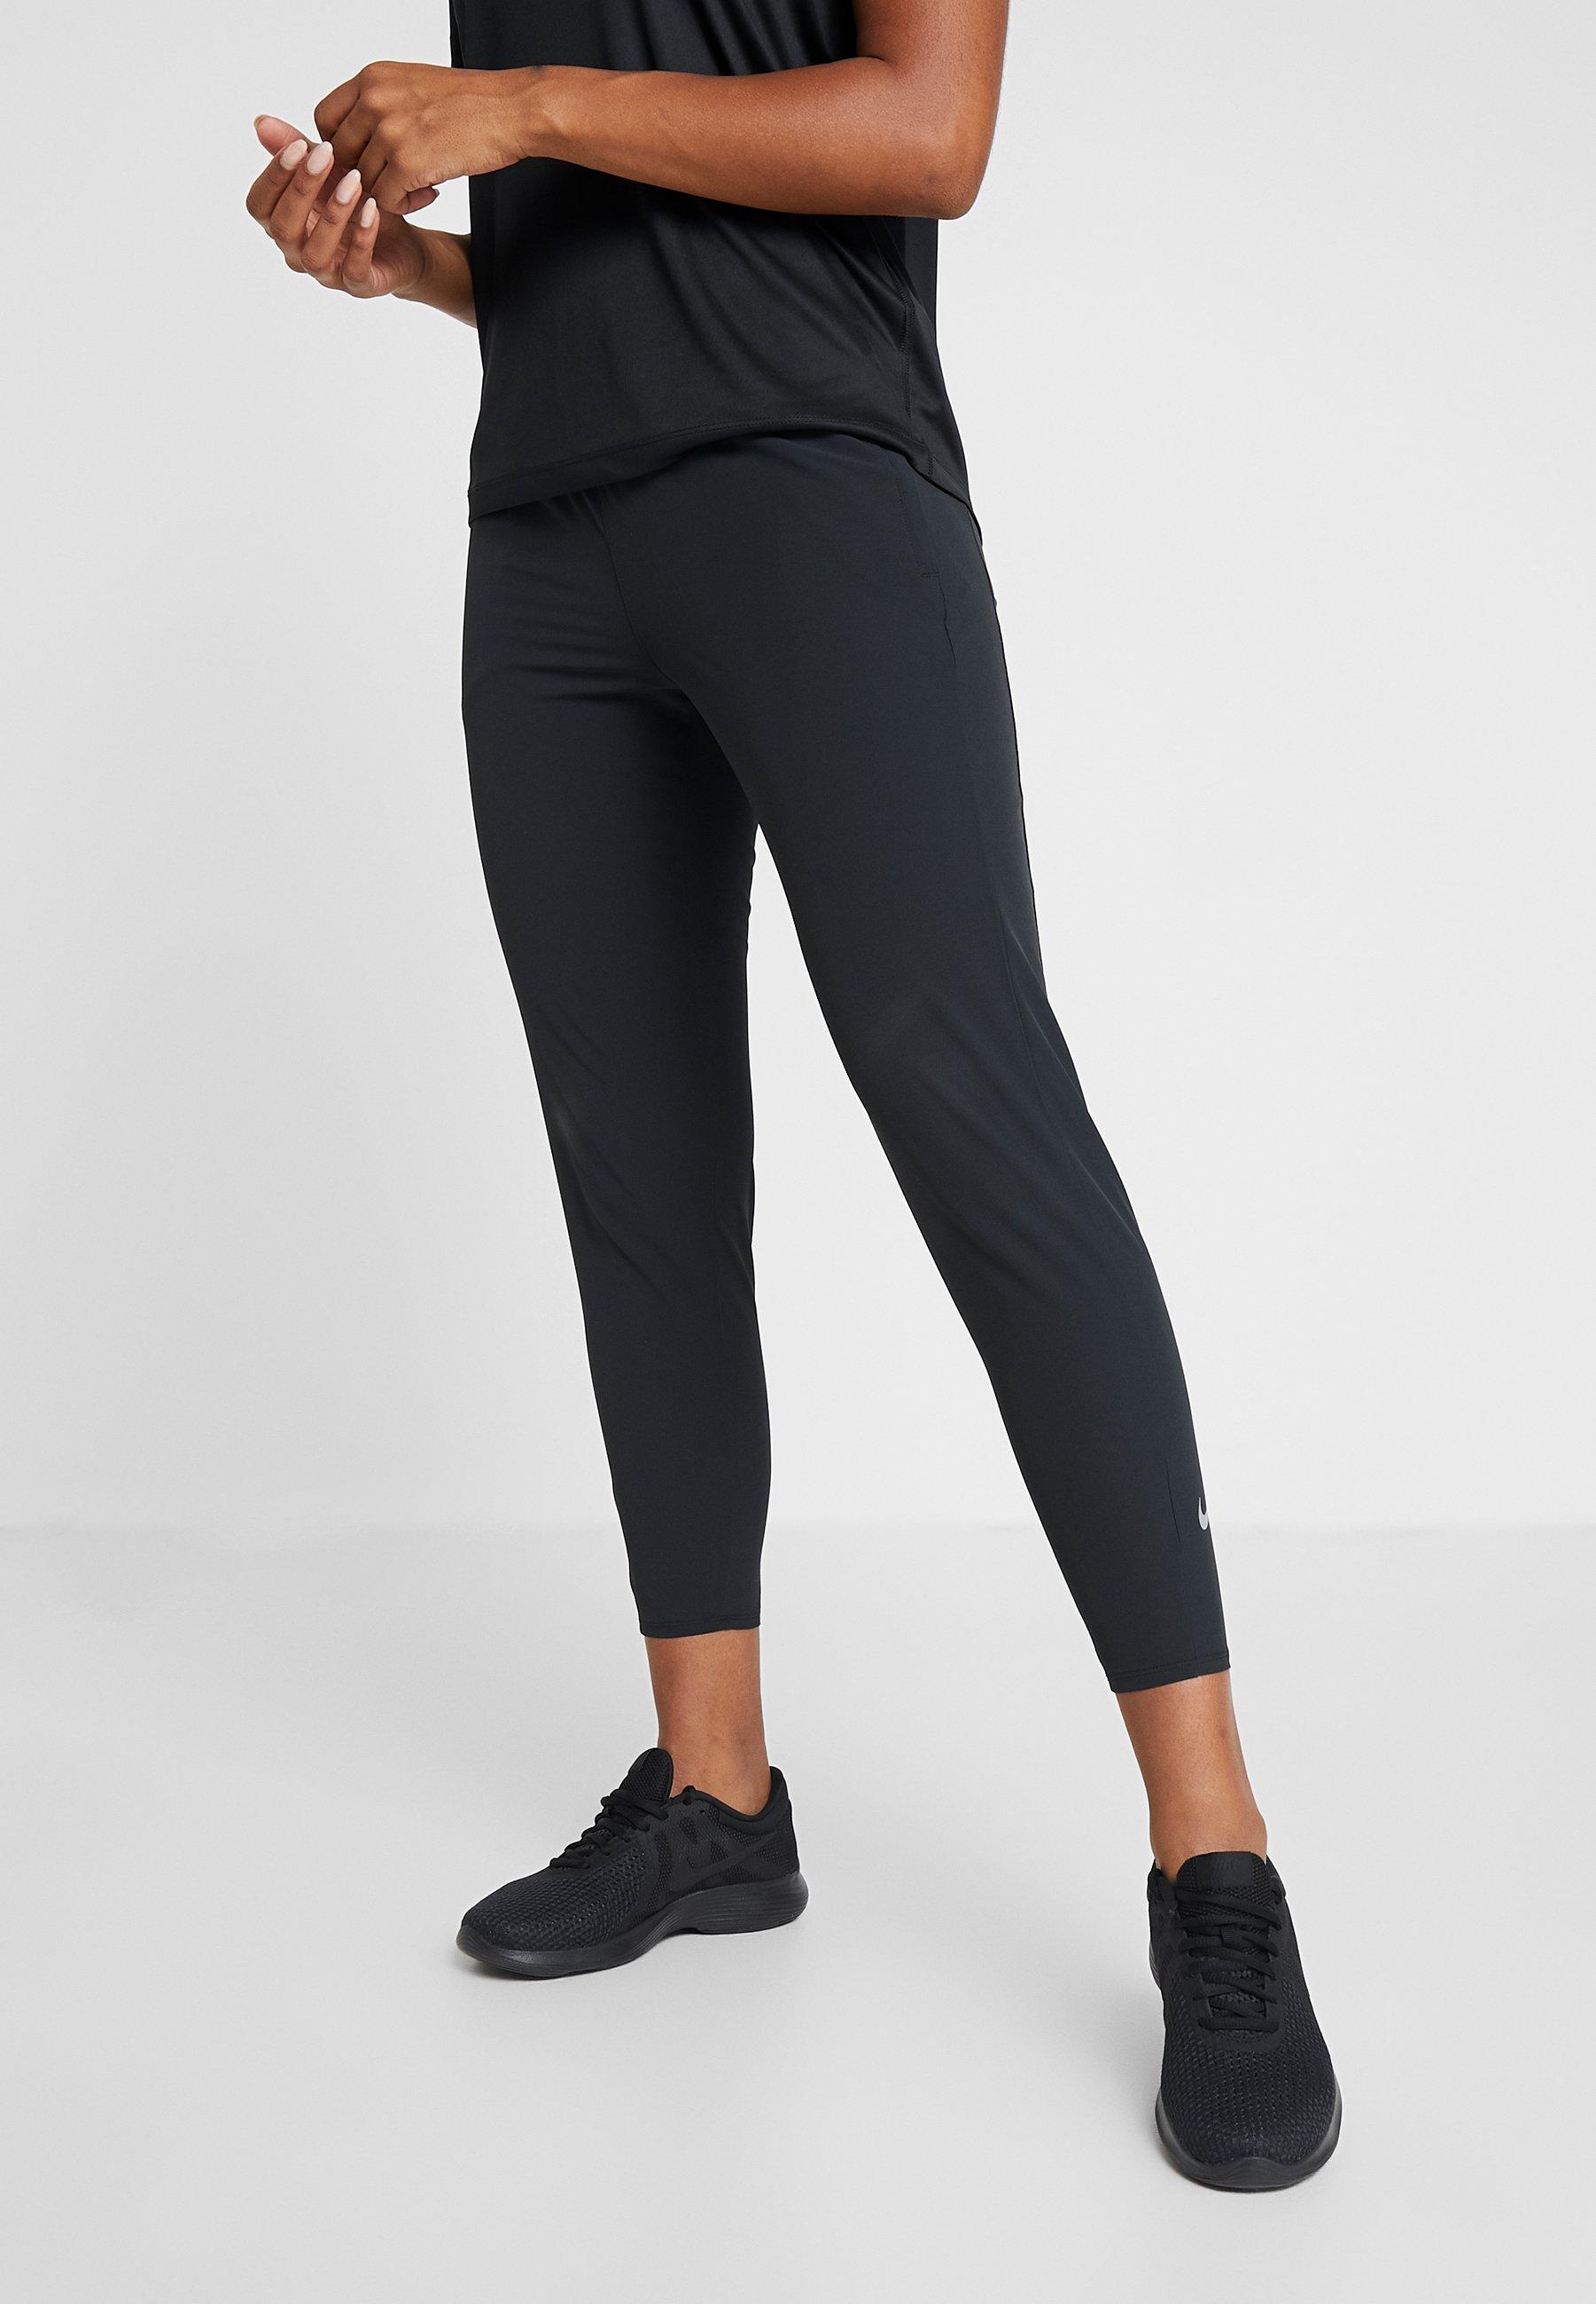 Damen Jogginghose